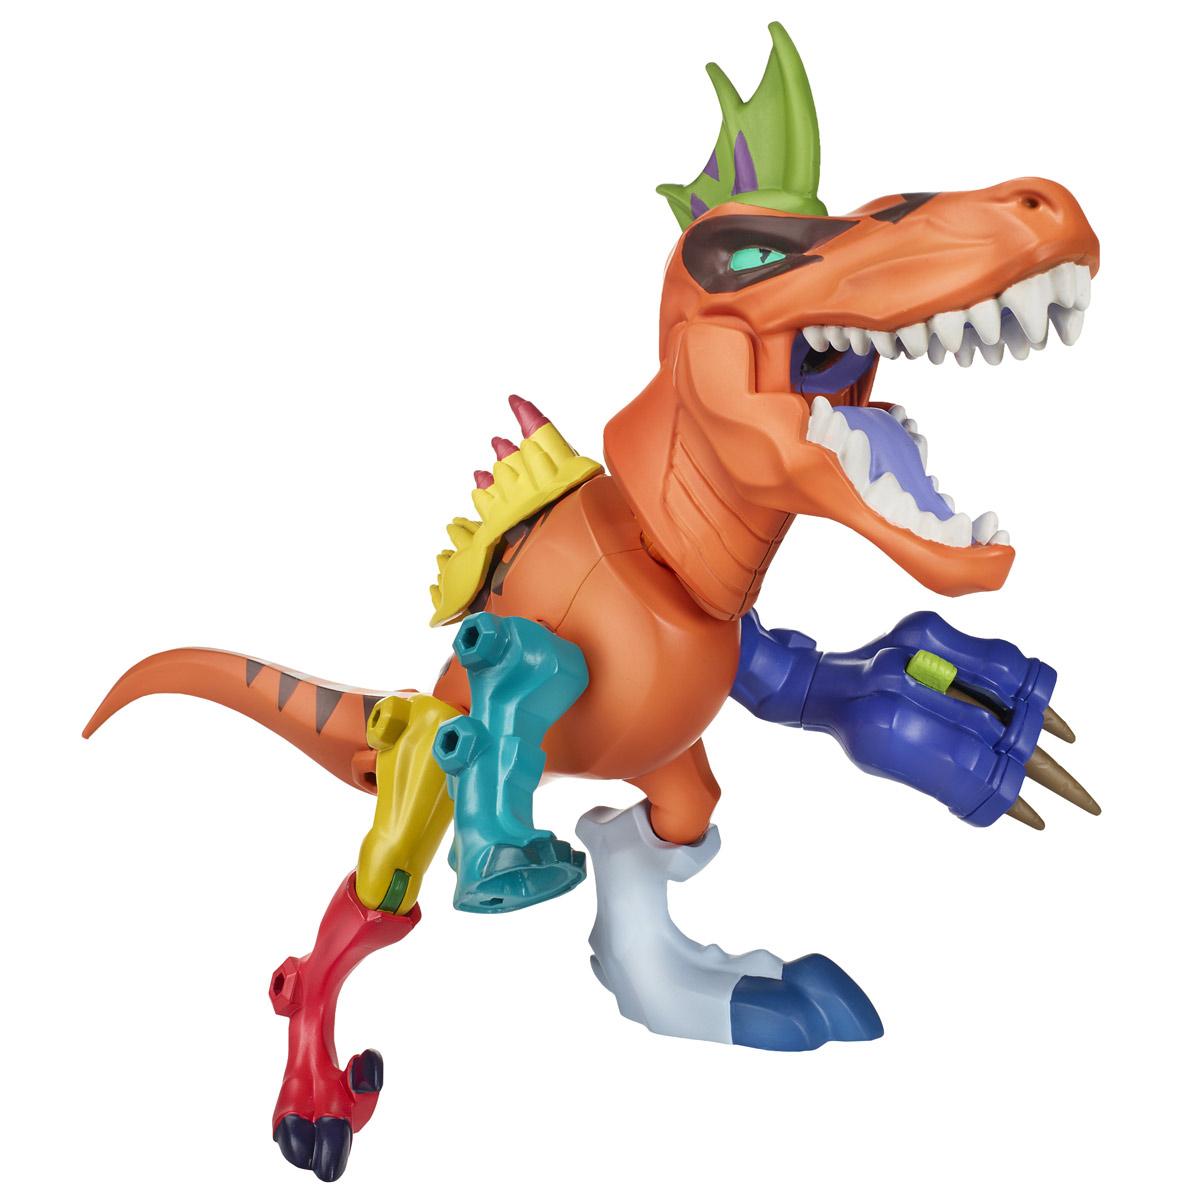 Разборная фигурка Hero Mashers Jurassic World: Tyrannosaurus Rex-AmargasaurusB1198Разборная фигурка Hero Mashers Jurassic World: Tyrannosaurus Rex-Amargasaurus обязательно понравится любому маленькому поклоннику культового фильма Парк Юрского периода! Фигурка выполнена из прочного пластика в виде Тираннозавра Рекса, части которого могут быть заменены на части амаргазавра. Голова и конечности фигурки подвижны, вращаются и сгибаются, а также отделяются от корпуса. Тираннозавр умеет выпускать снаряд, выдвигать когти, а так же в комплекте идут дополнительные детали для невероятных комбинаций. Фигурка совместима с другими фигурками из серии Hero Mashers. Собрав коллекцию фигурок от Hasbro, вы сможете создать своего героя, объединяя способности разных героев вселенной Jurassic World. Все элементы обладают единым способом крепления, что позволяет создавать различные комбинации. Ребенок с удовольствием будет играть с фигуркой, придумывая разные истории. Порадуйте его таким замечательным подарком!